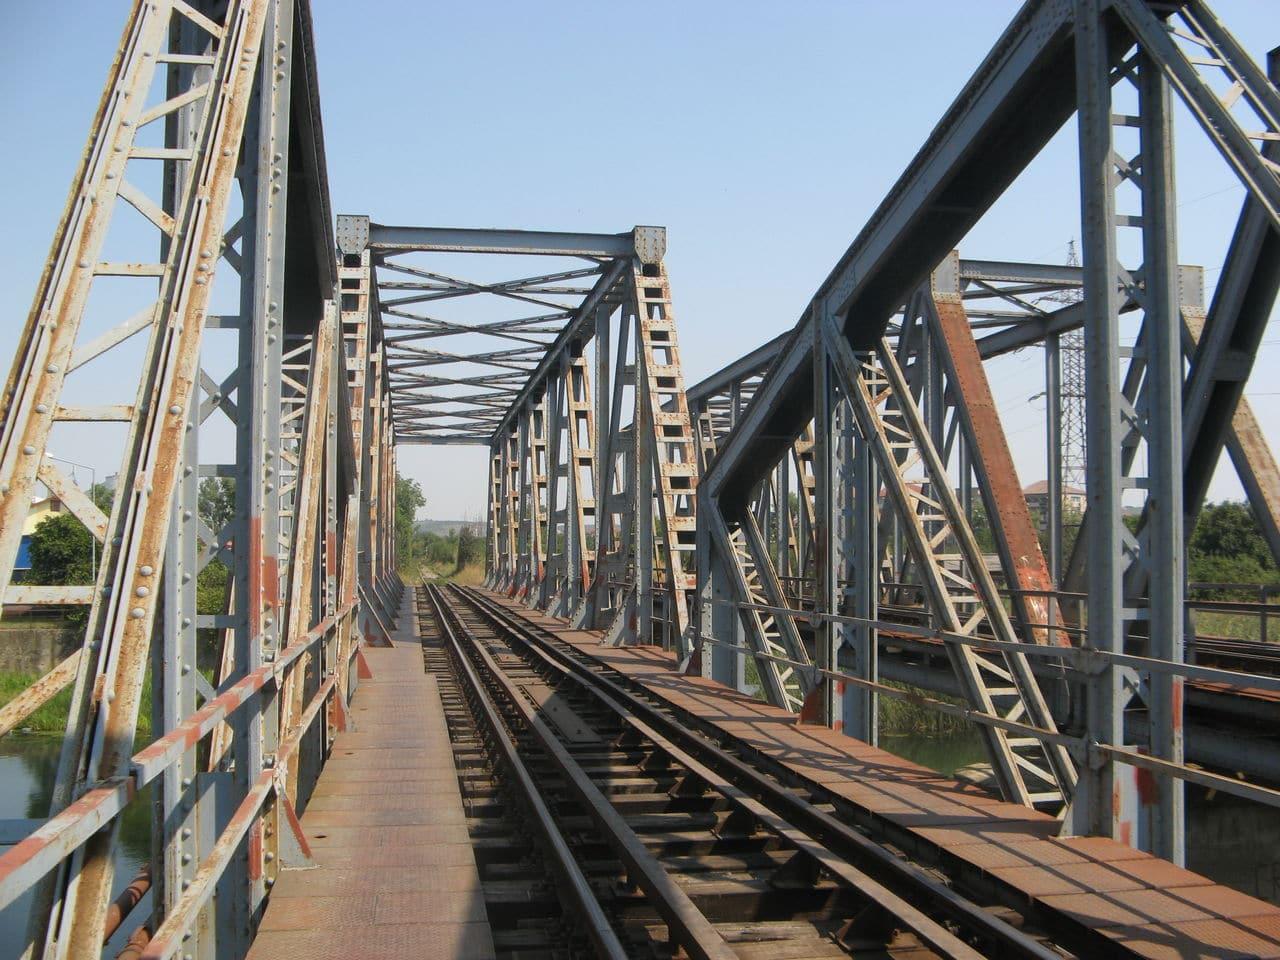 Calea ferată directă Oradea Vest - Episcopia Bihor IMG_0015